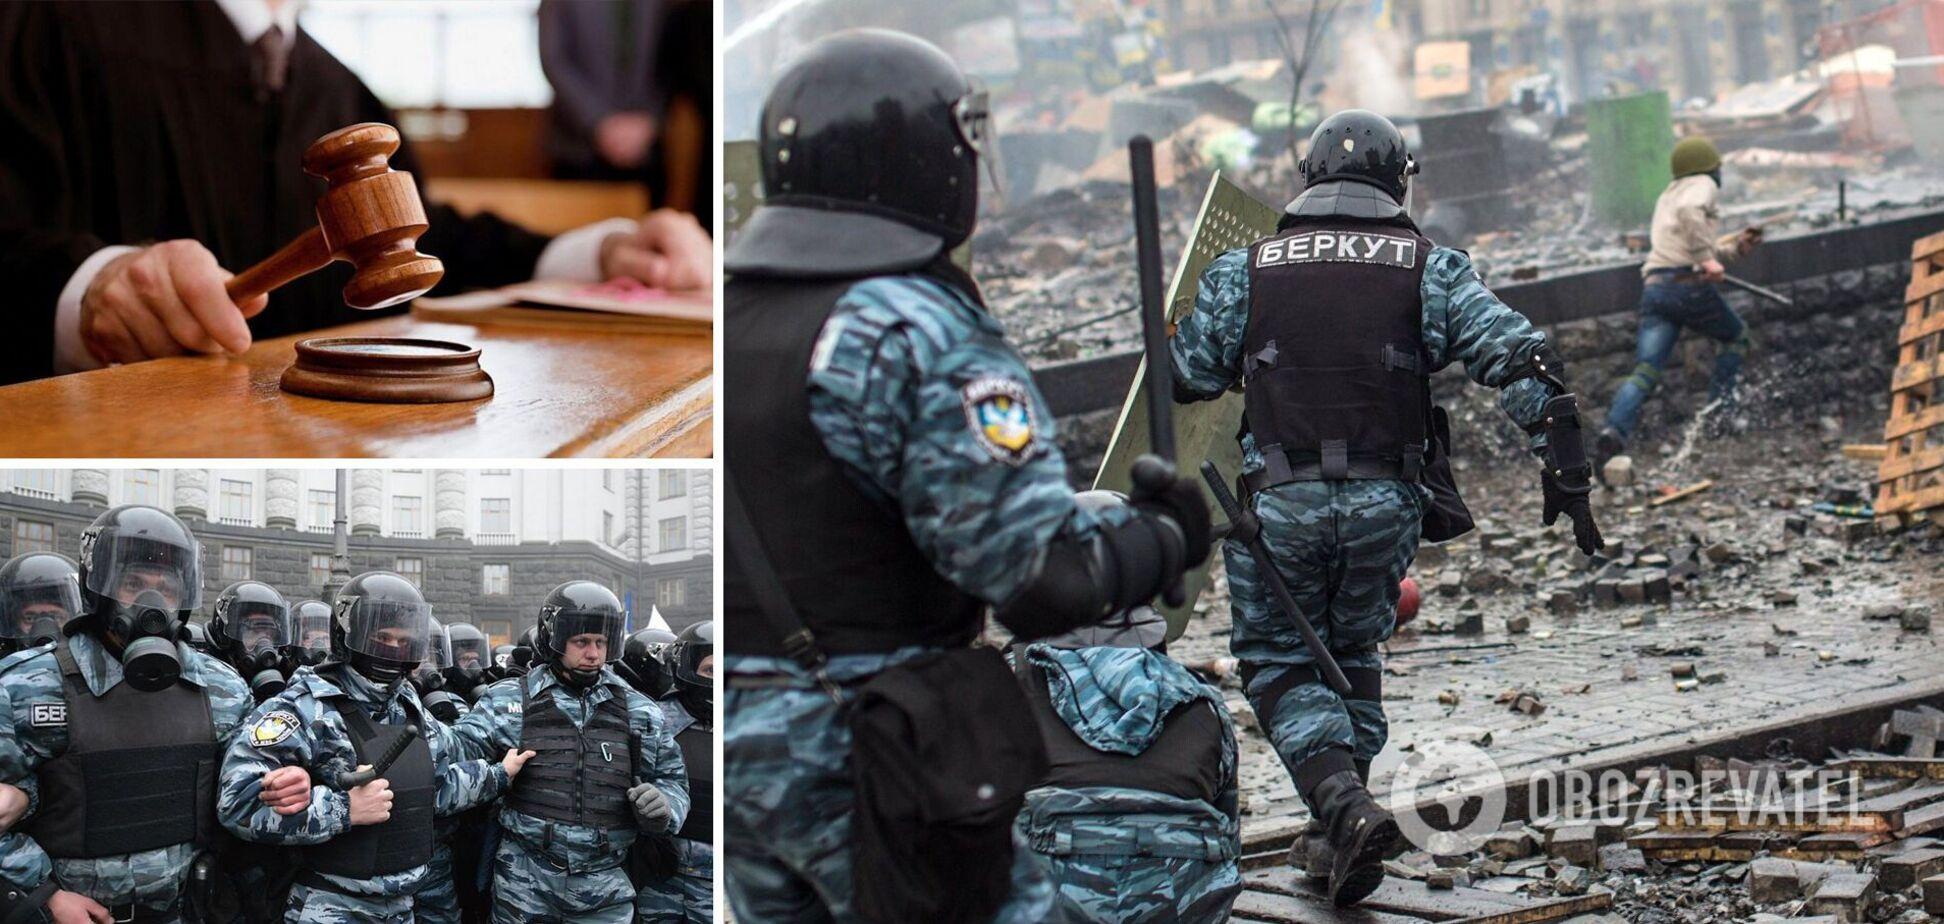 Убийства на Майдане: в Украине разрешили заочно судить беркутовцев, которые скрываются в России